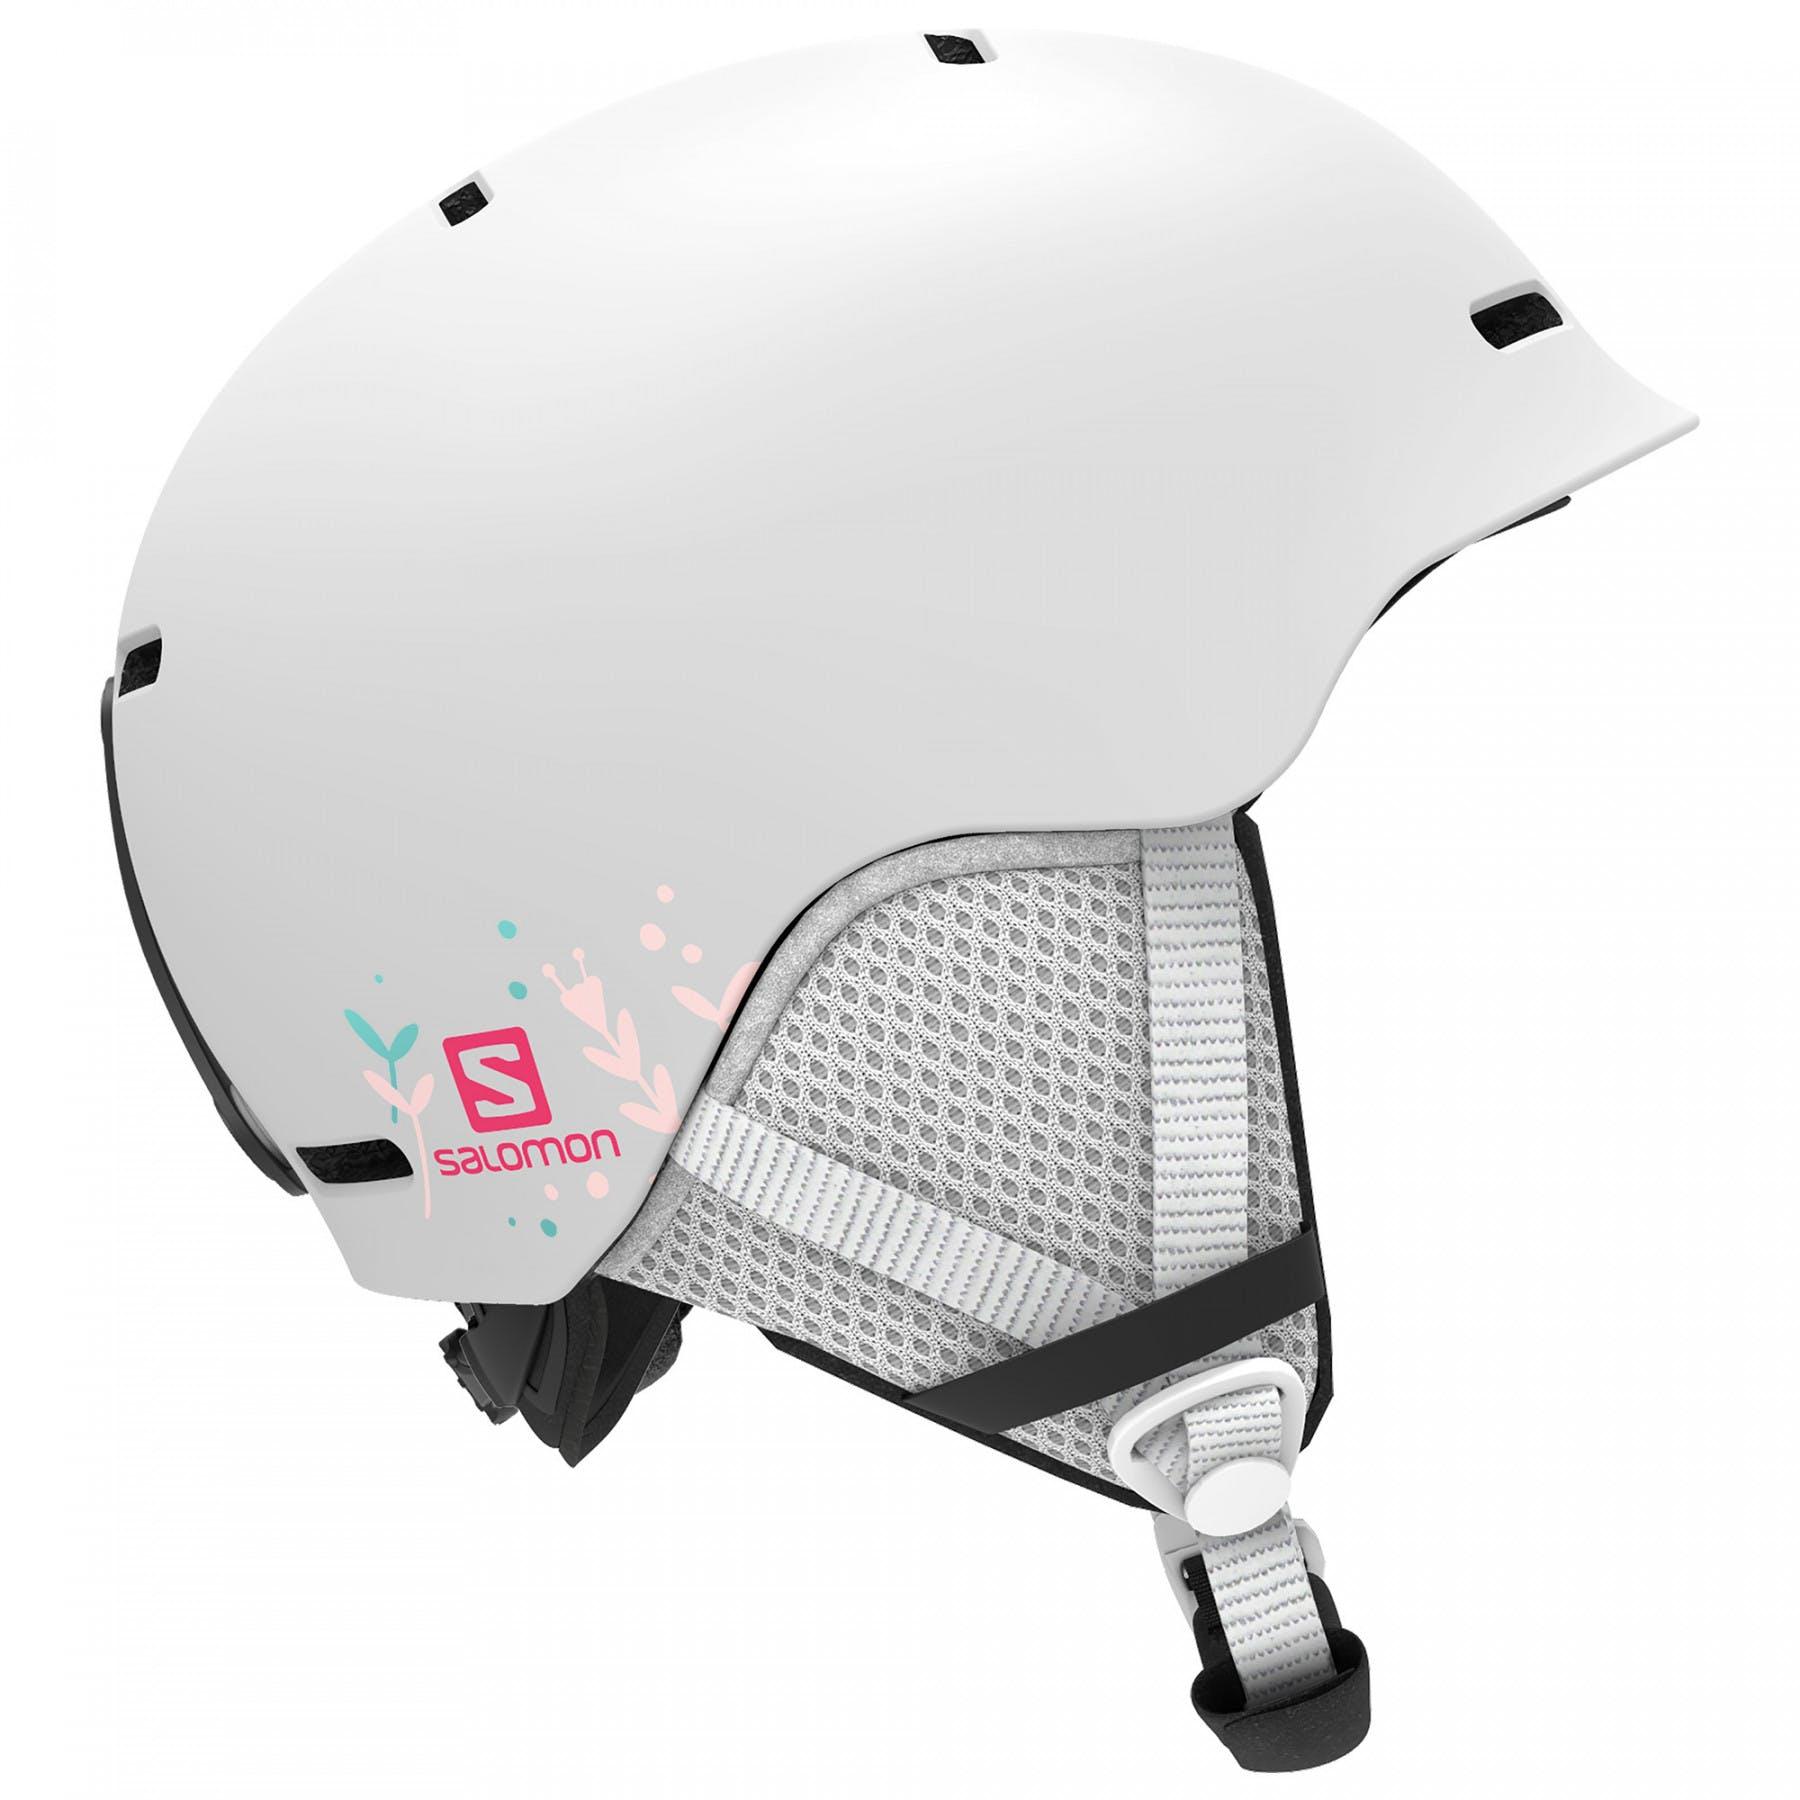 Salomon Grom JR Helmet Small White